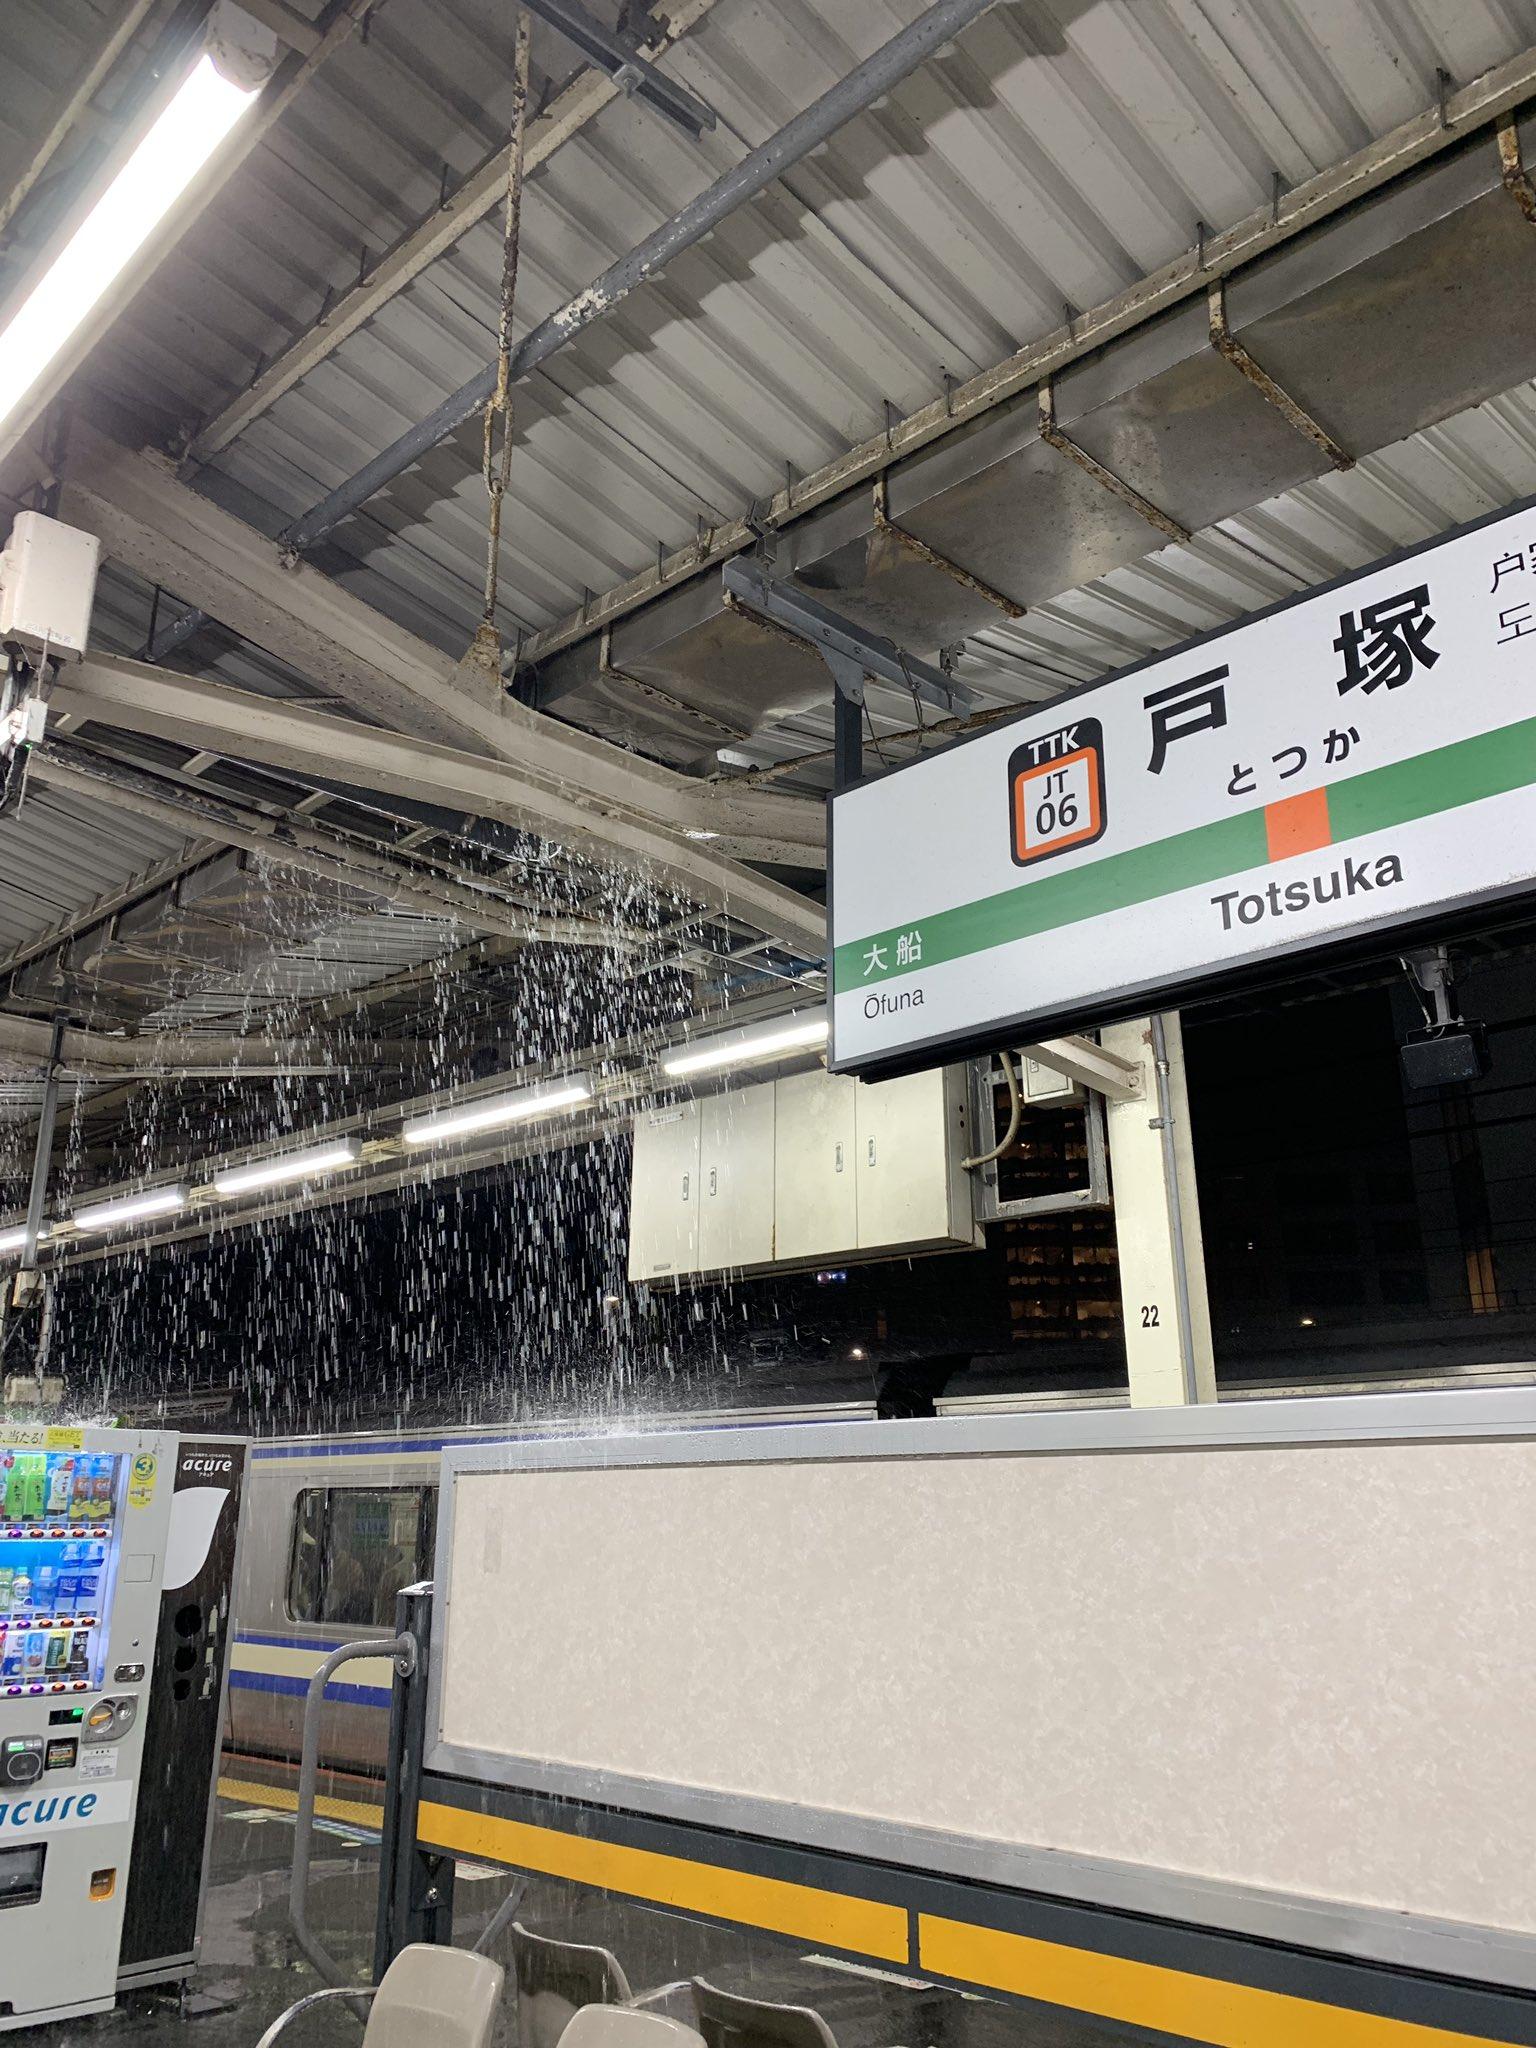 戸塚駅がゲリラ豪雨で雨漏りしている現場の画像